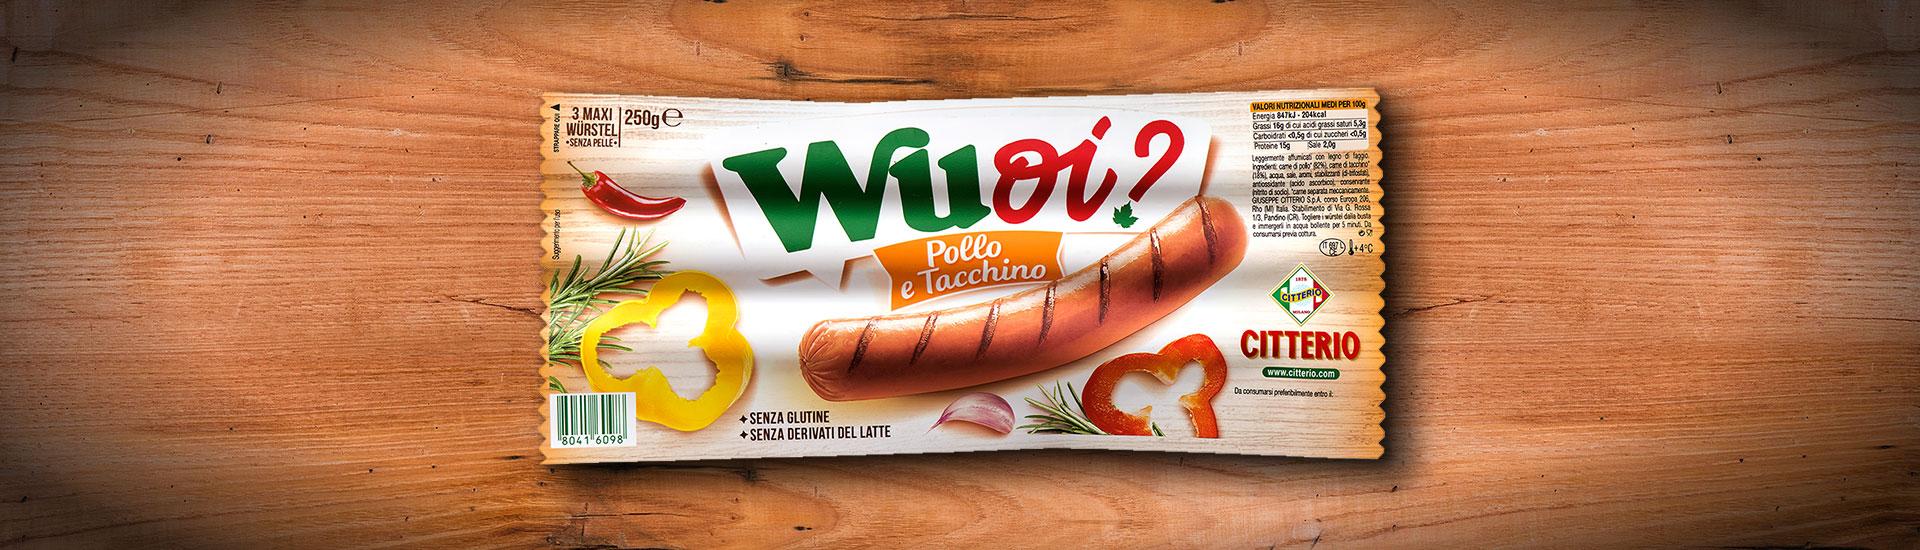 Wuoi? Maxi 3 pezzi Pollo & Tacchino